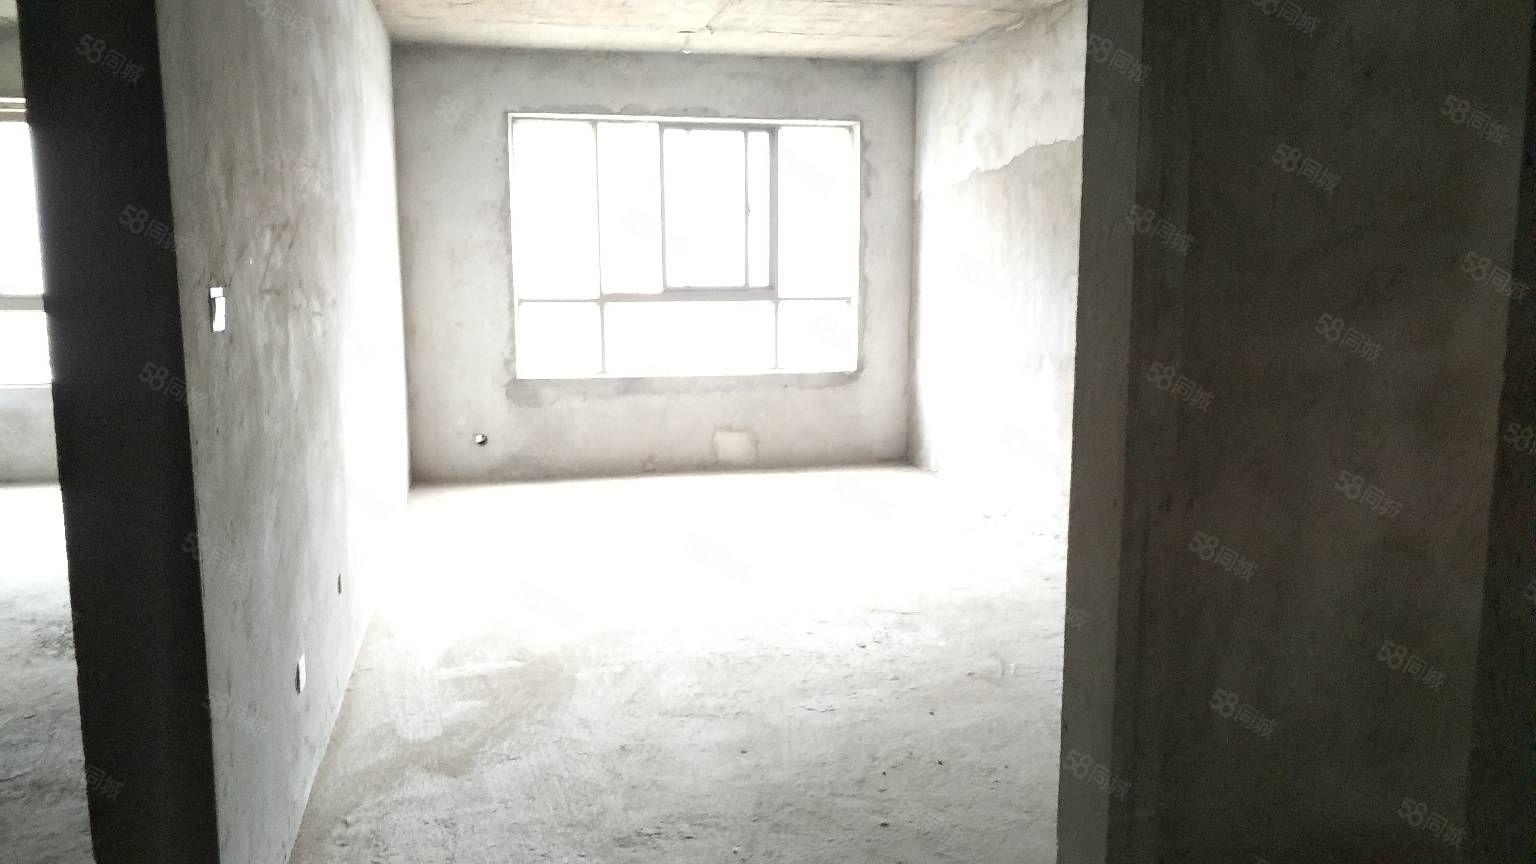 晶宫和苑毛坯房出售周围设施齐全钥匙在手随时看房